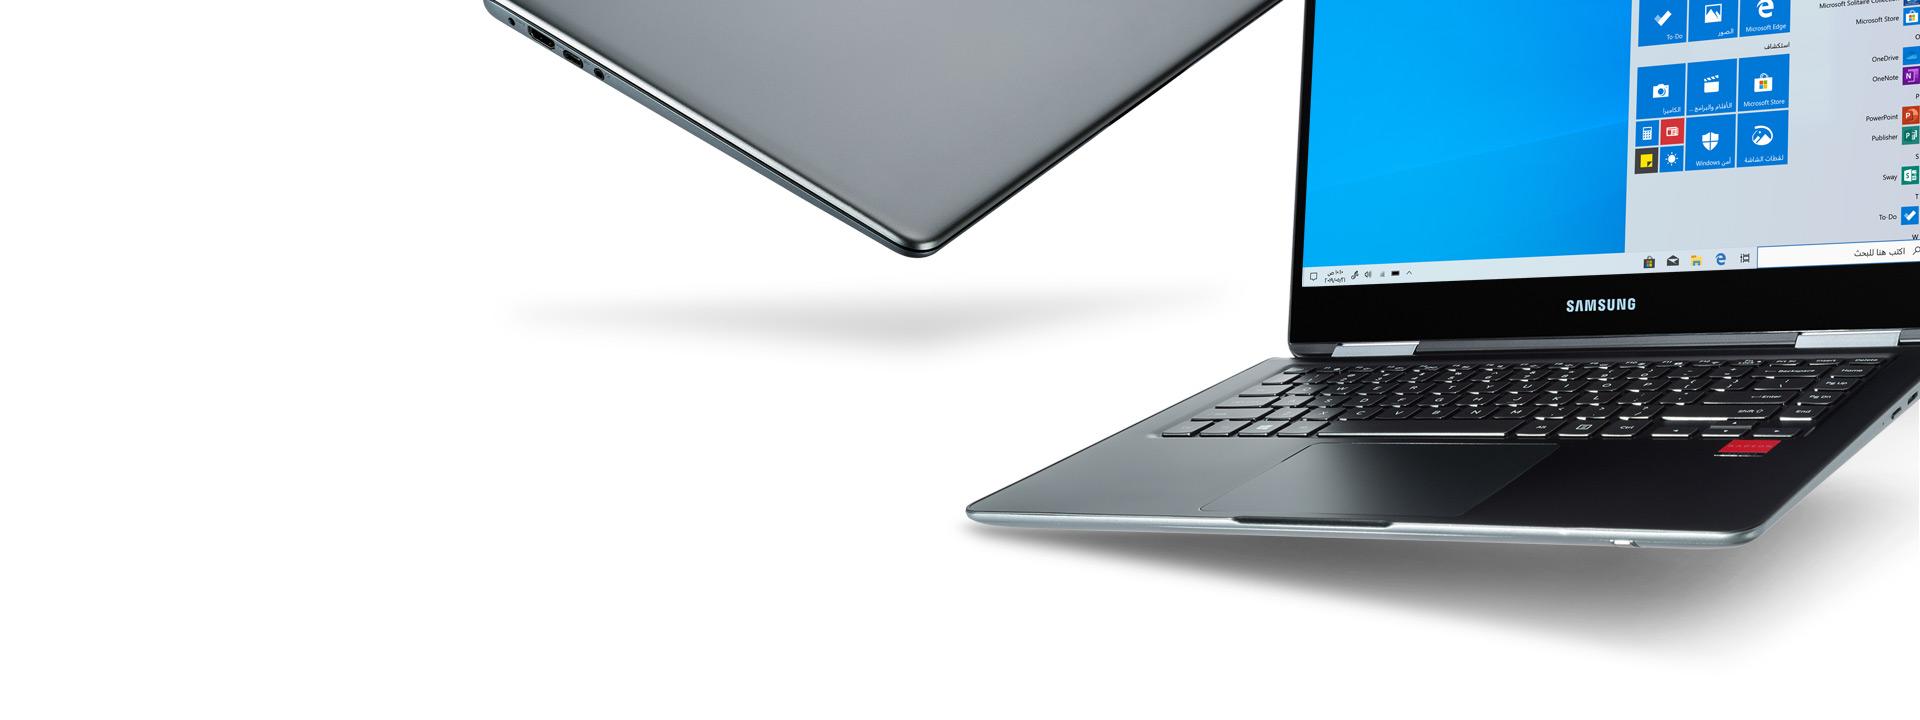 جهازا كمبيوتر Windows 10 جنبًا إلى جنب. أحدهما مغلق تمامًا والآخر يعرض شاشه البداية لنظام Windows 10